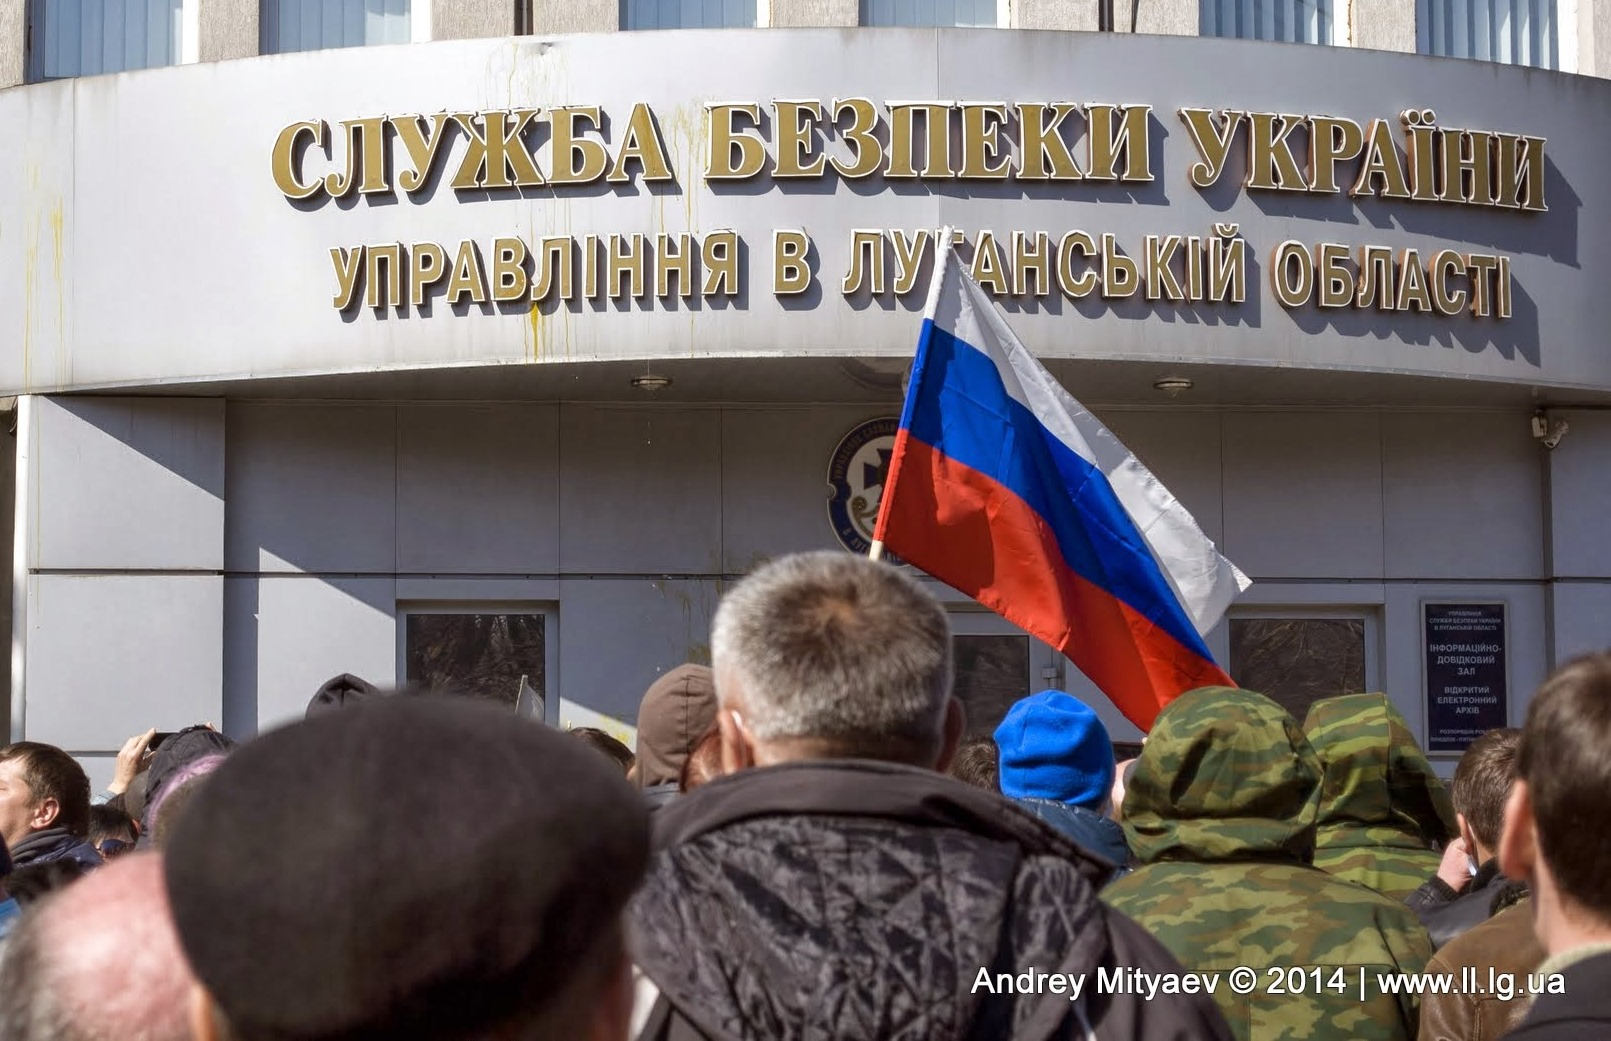 СБУ призывает луганчан быть осторожными из-за вражеских спецслужб